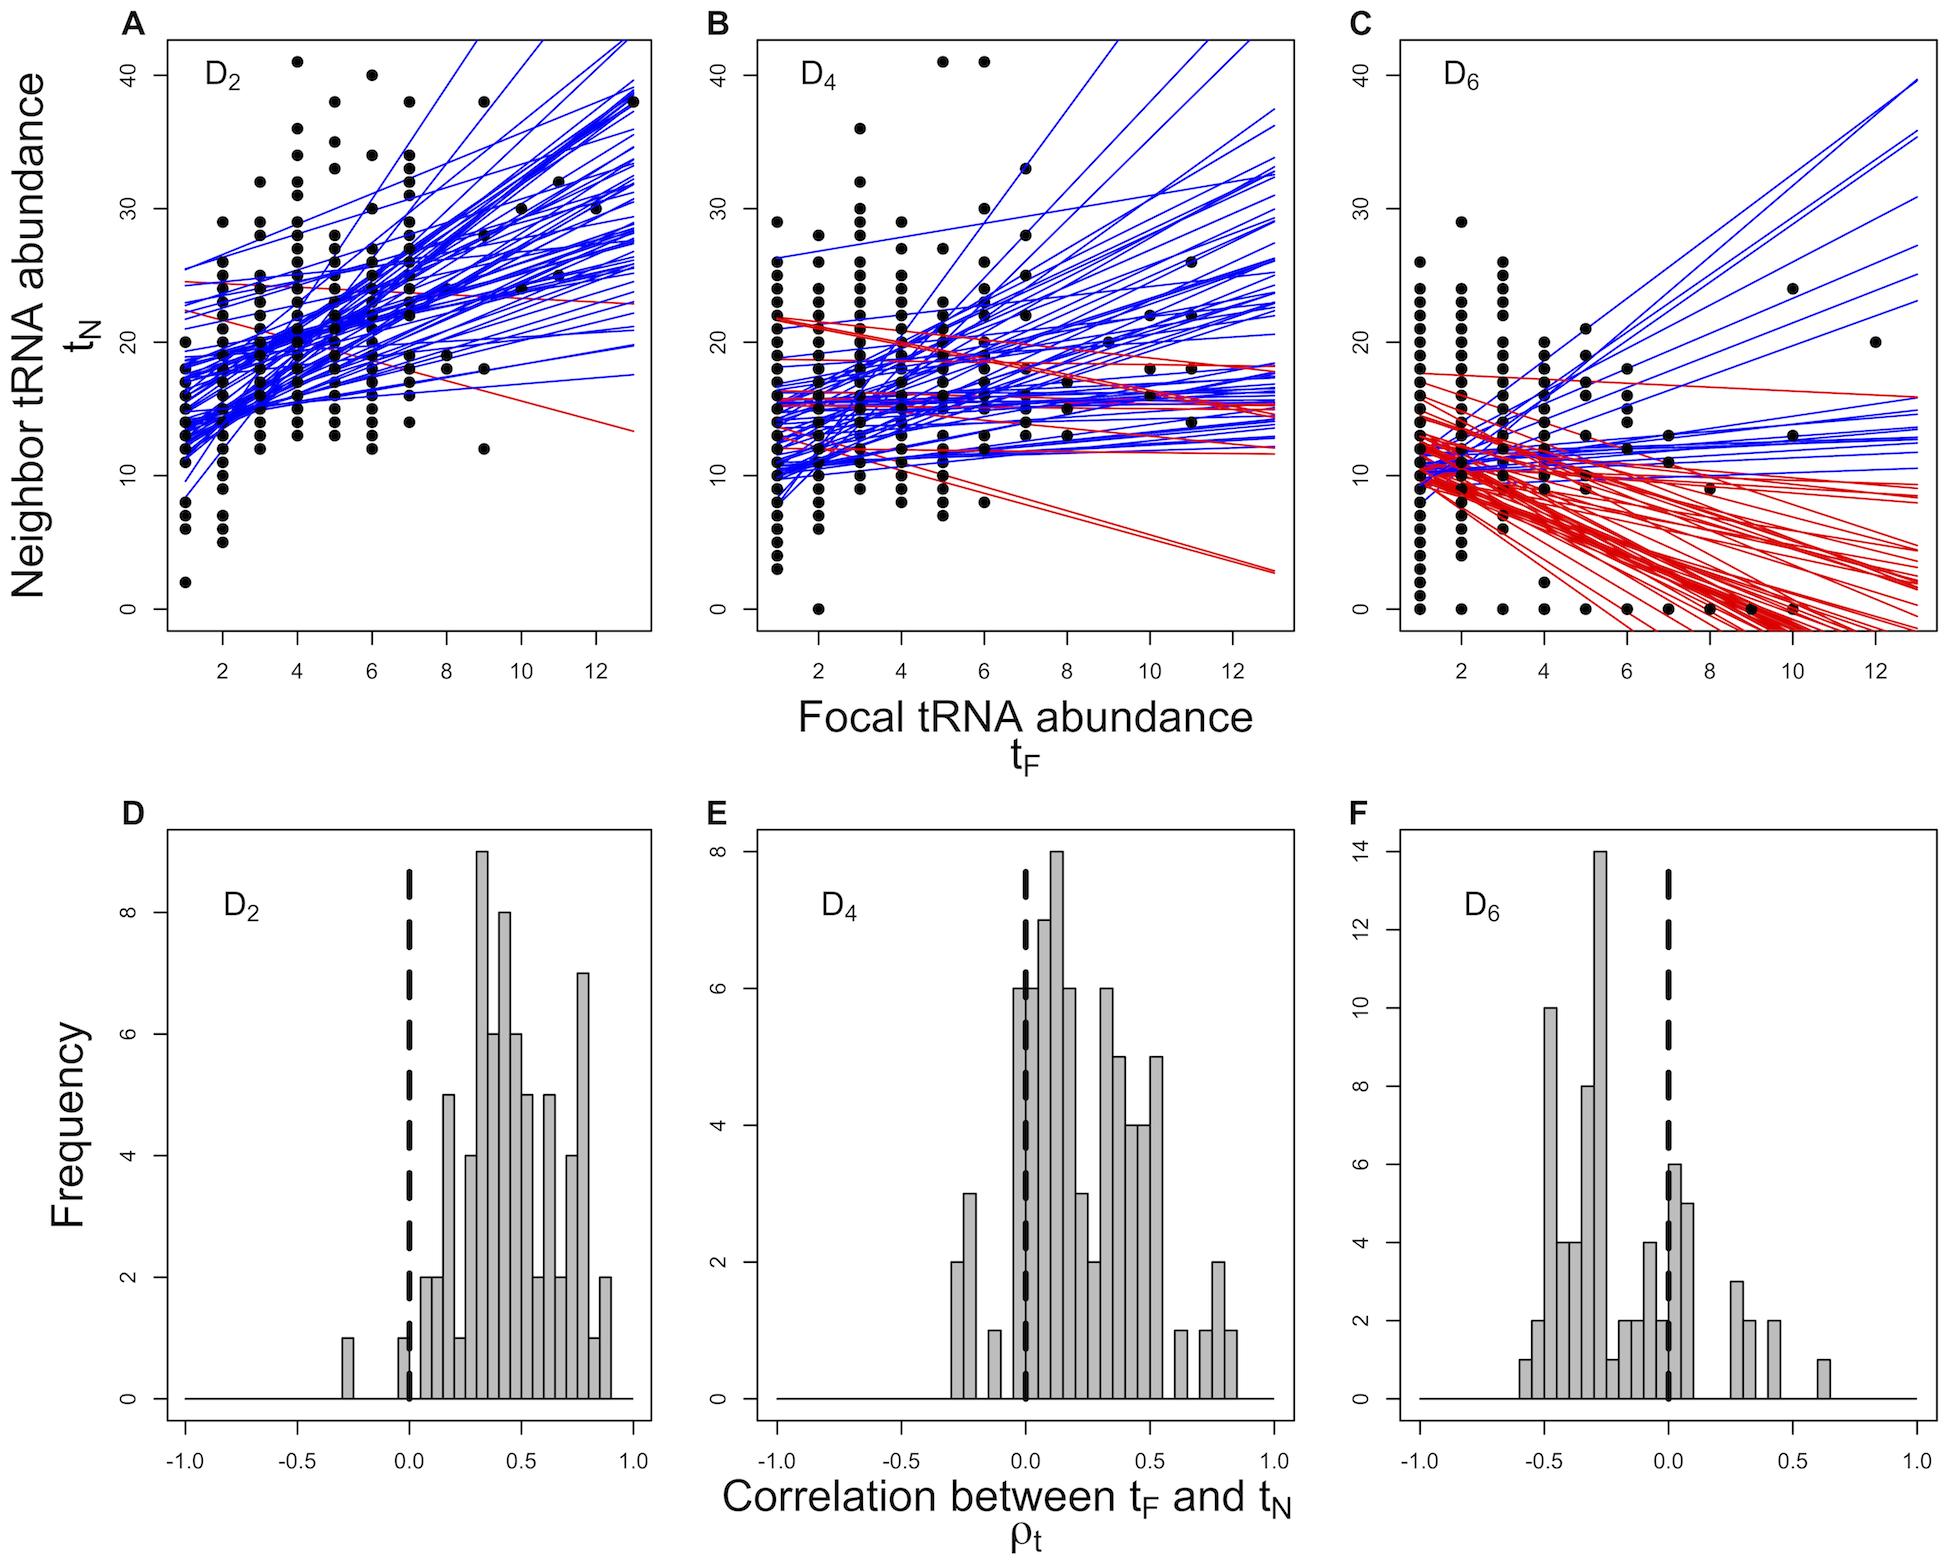 Correlation between a focal tRNA's abundance  and the abundance of its neighbors ,  across 73 prokaryotic genomes.